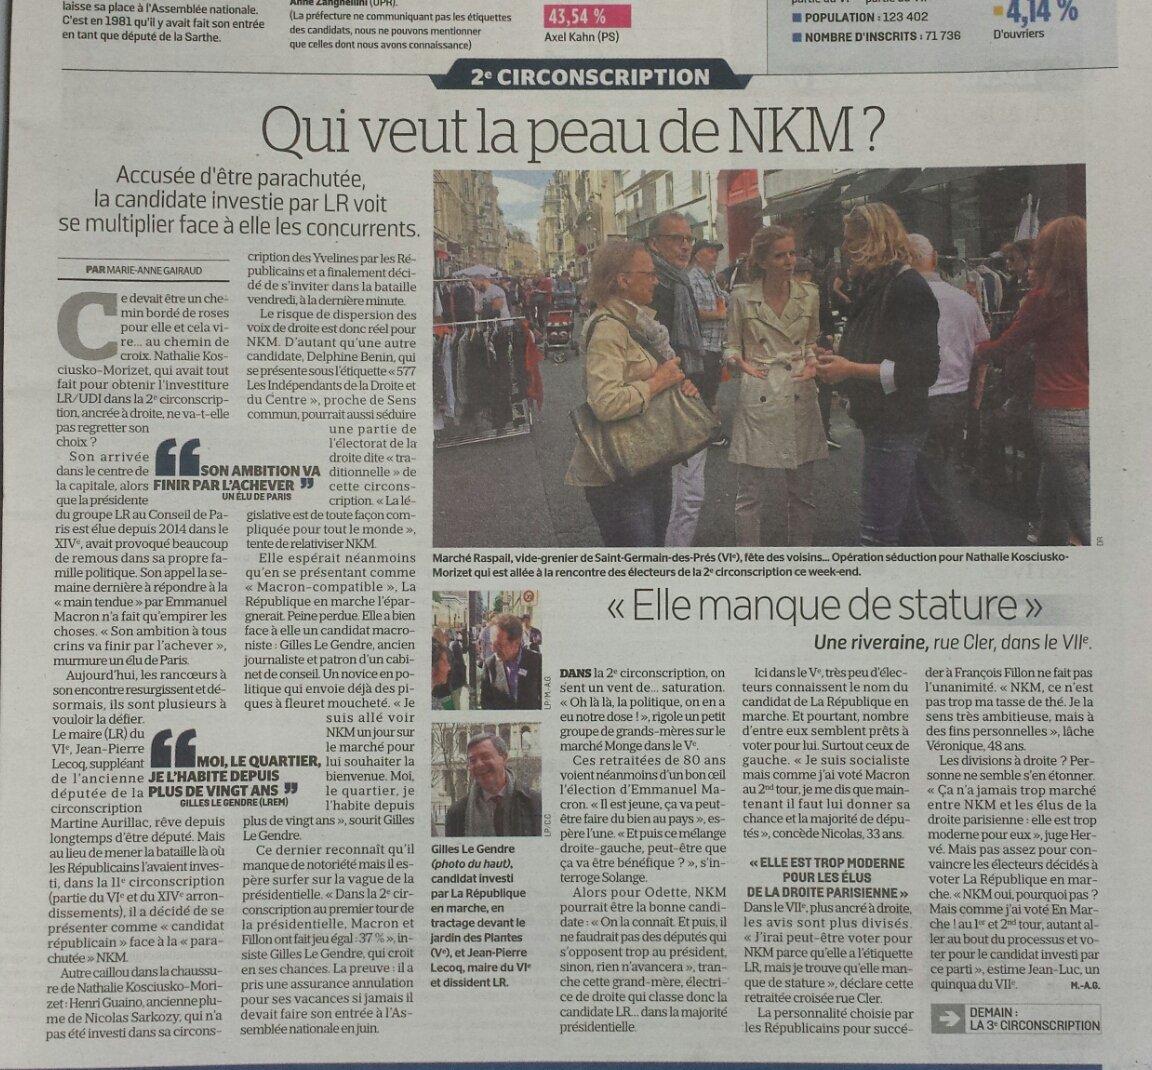 #Le Parisien 23052017 : Qui veut la peau de NKM ? La compétence dérange, l'establishment inquiet. @nk_m brillante candidate je vote oui.pic.twitter.com/cS9NbIqOxJ